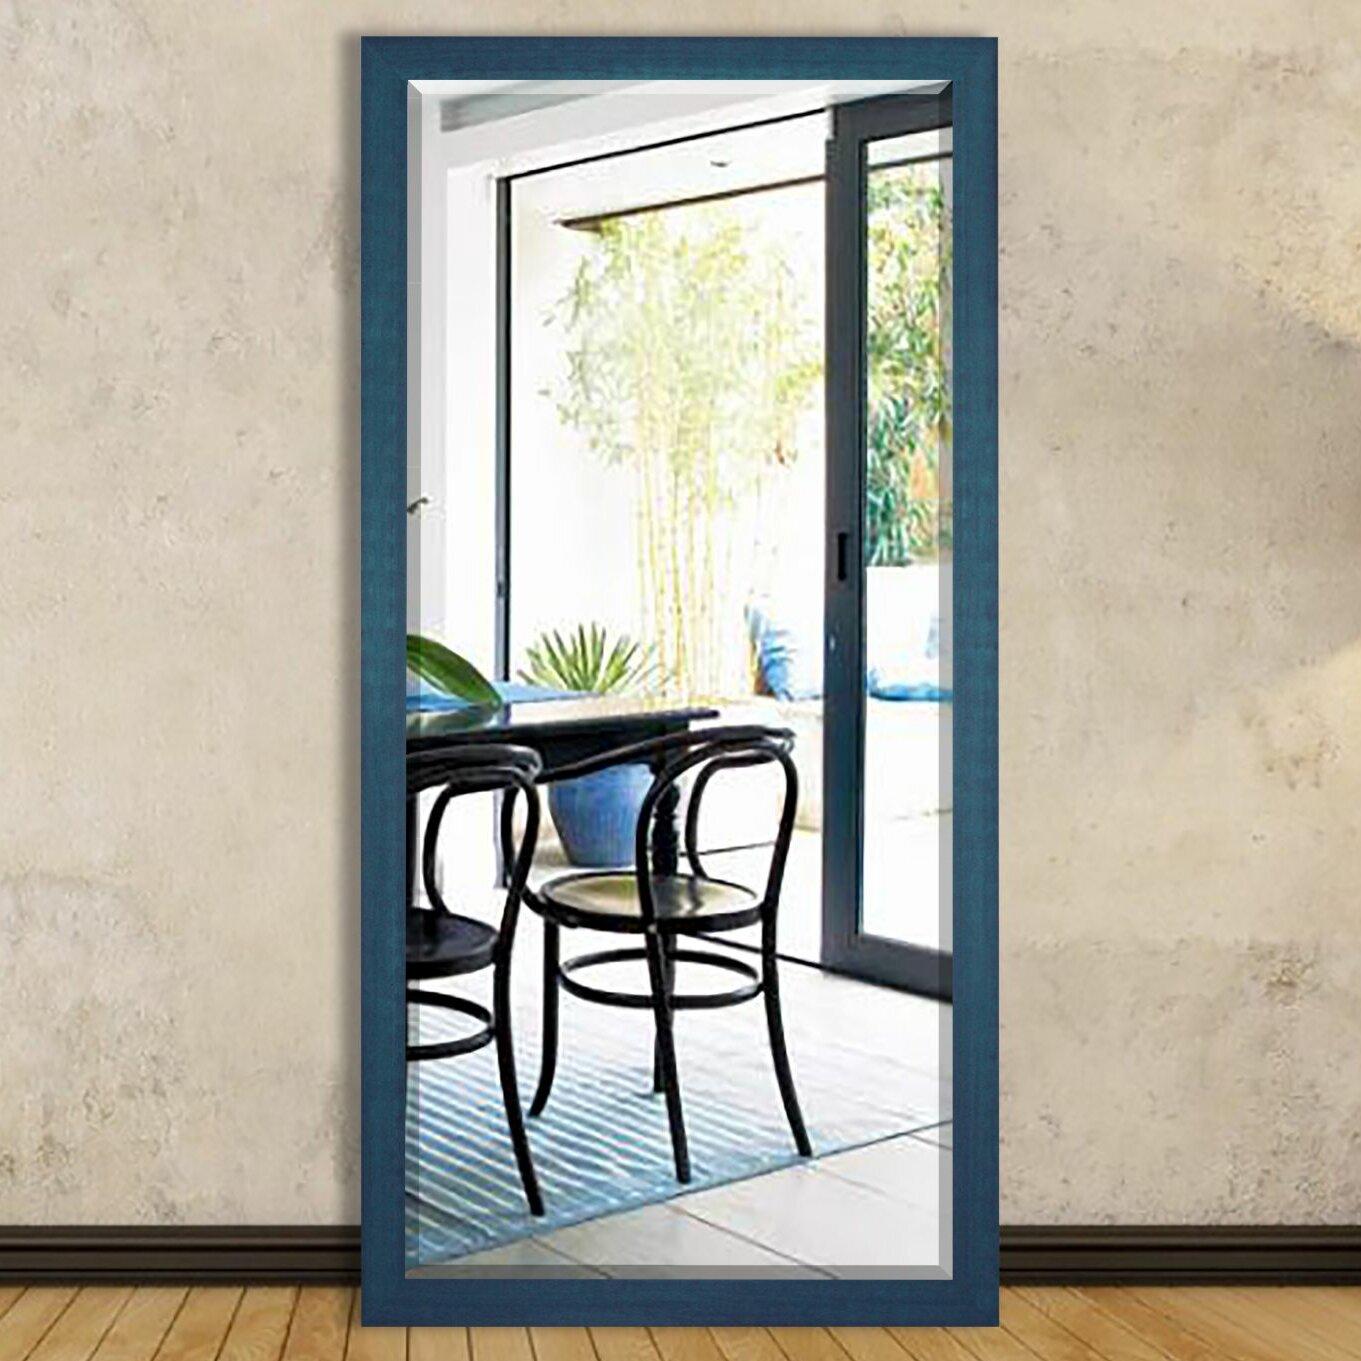 brayden studio full length cottage wood framed vanity mirror. Black Bedroom Furniture Sets. Home Design Ideas